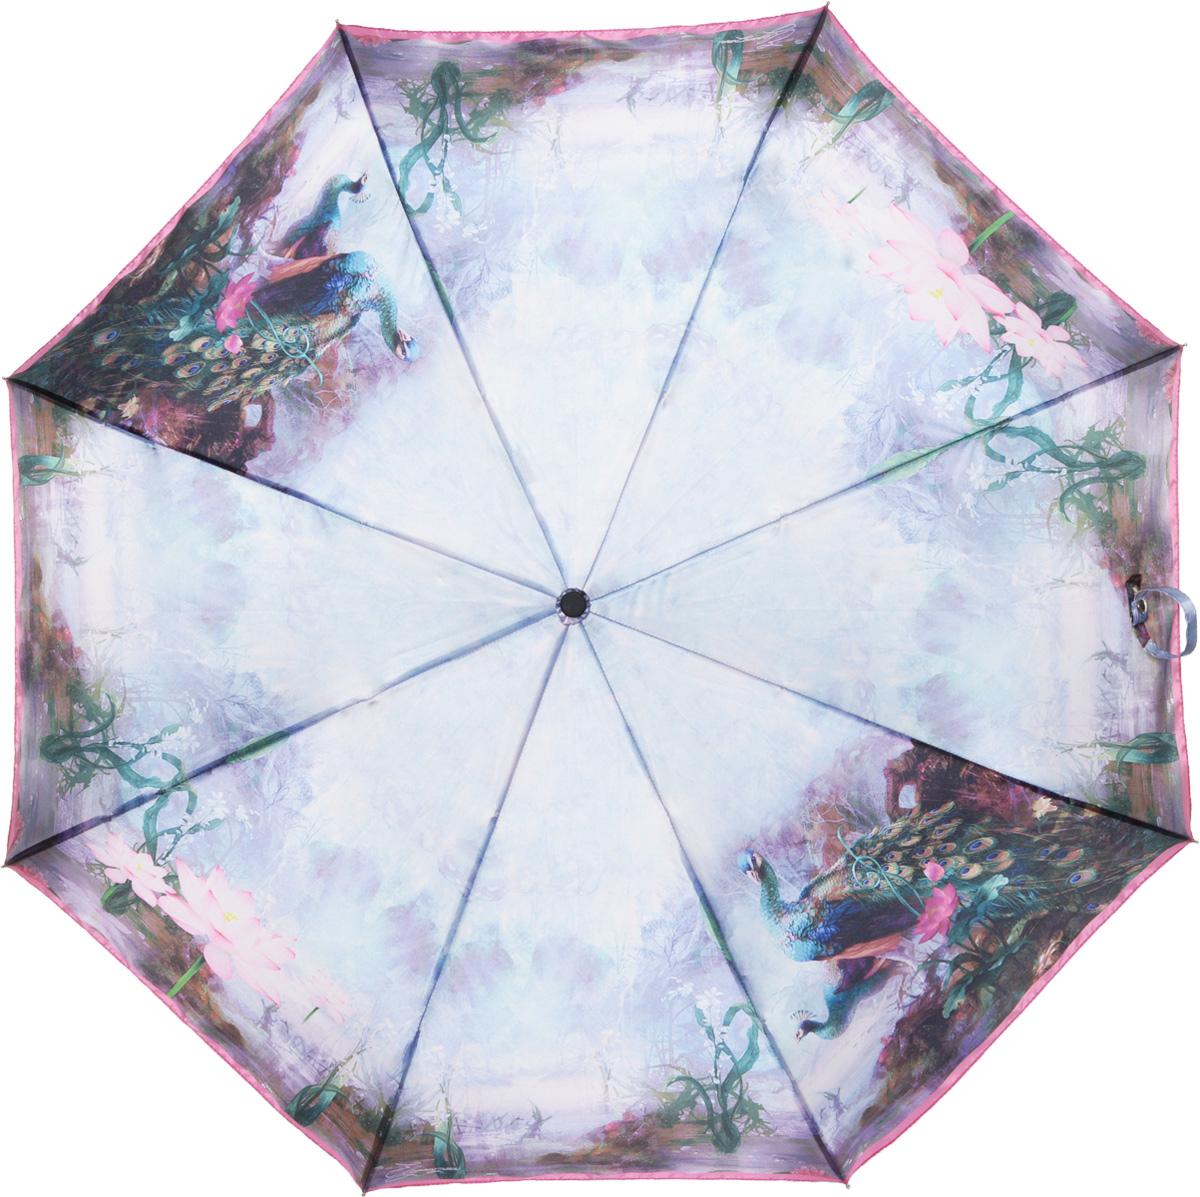 Зонт женский Eleganzza, автомат, 3 сложения, цвет: зеленый. A3-05-0286LSA3-05-0286LSЖенский зонт-автомат торговой марки ELEGANZZA с каркасом Smart, который позволяет без особых усилий складывать зонт, не позволяя стержню вылетать обратно. Купол: 100% полиэстер, сатин. Материал каркаса: сталь + алюминий + фибергласс. Материал ручки: пластик. Длина изделия - 30 см. Диаметр купола - 105 см. Система Smart, не позволяет стержню при сложении вылететь обратно, это облегчает сложение зонта! При сложении есть характерный звук-треск, как трещетка. Примечание: зонт не откроется с кнопки если его не закрыть до щелчка!